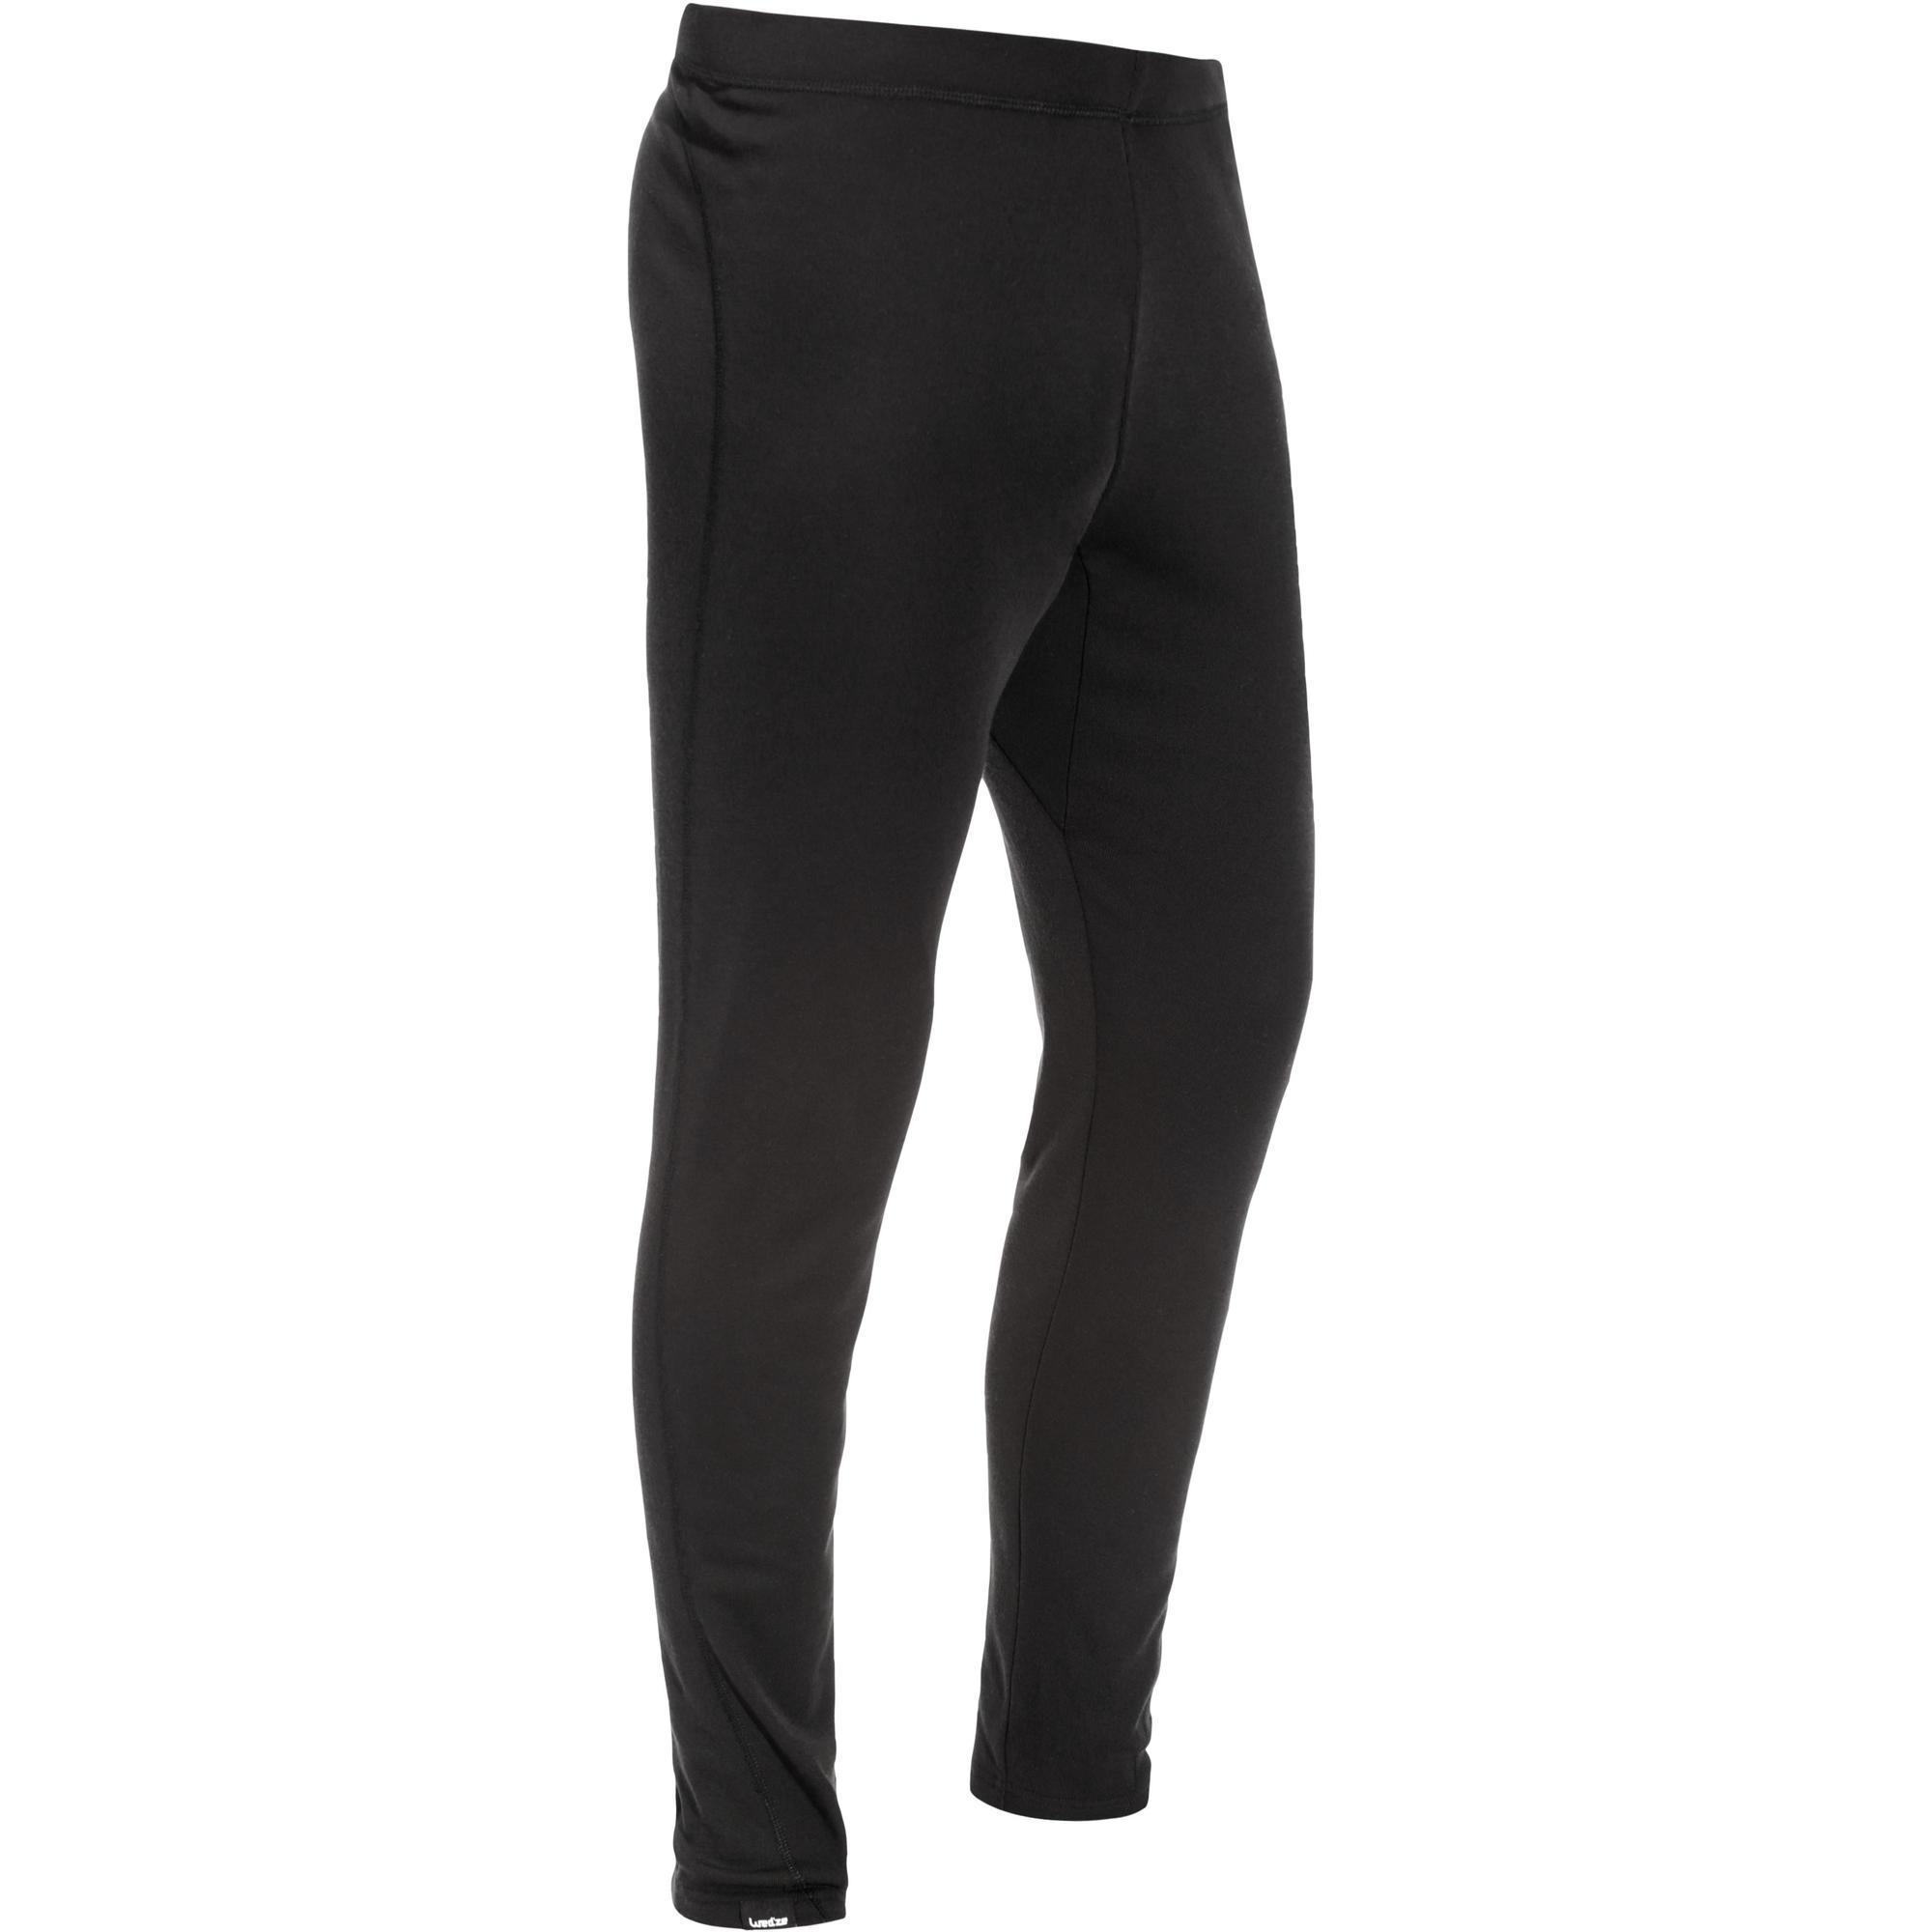 Skiunterhose lang Simple Warm Herren | Sportbekleidung > Funktionswäsche > Thermounterwäsche | Wedze